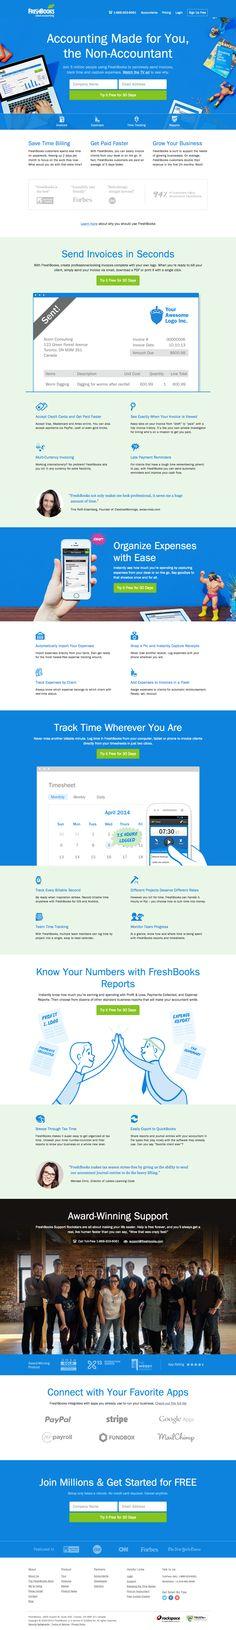 Website-Homepage-Design-2015-Freshbooks.png (1264×8733)